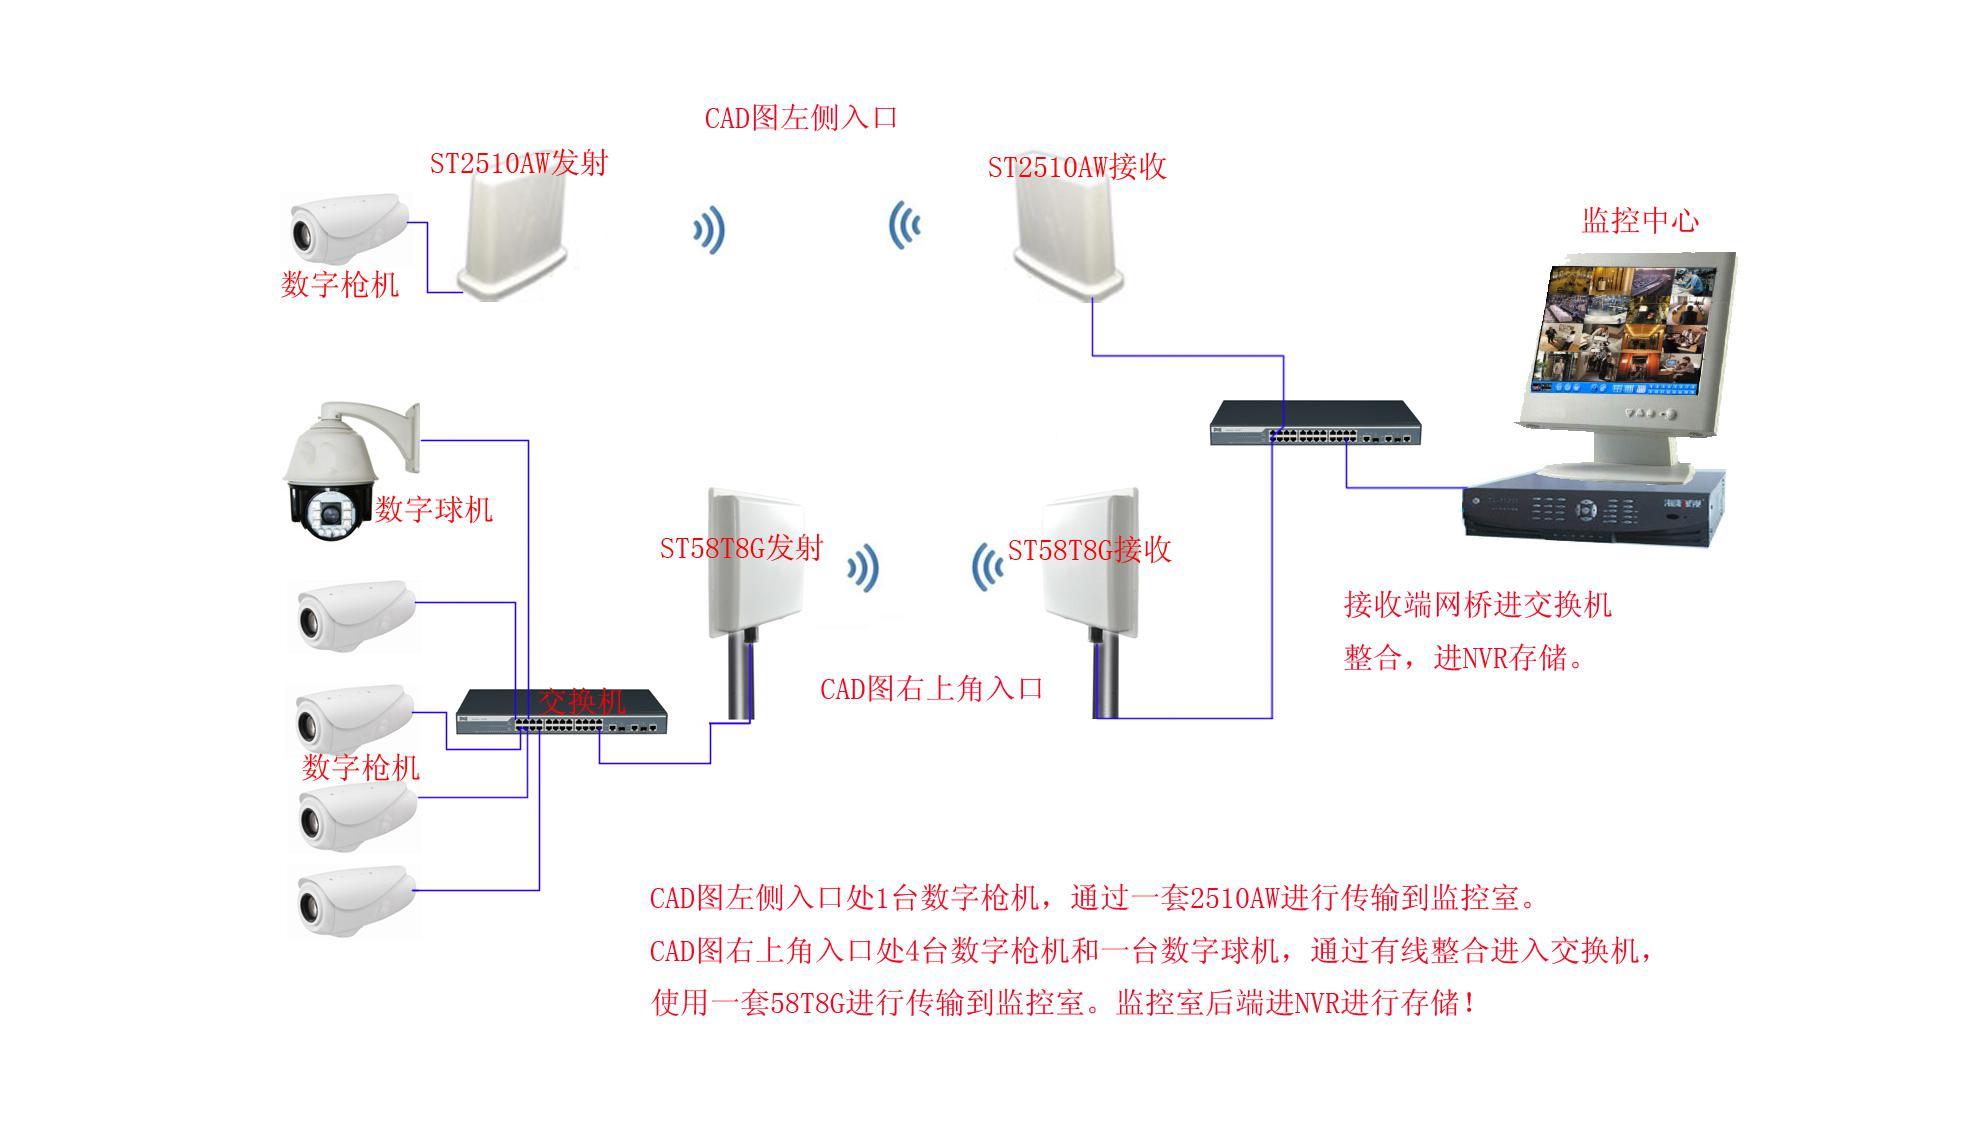 第一个无线监控系统